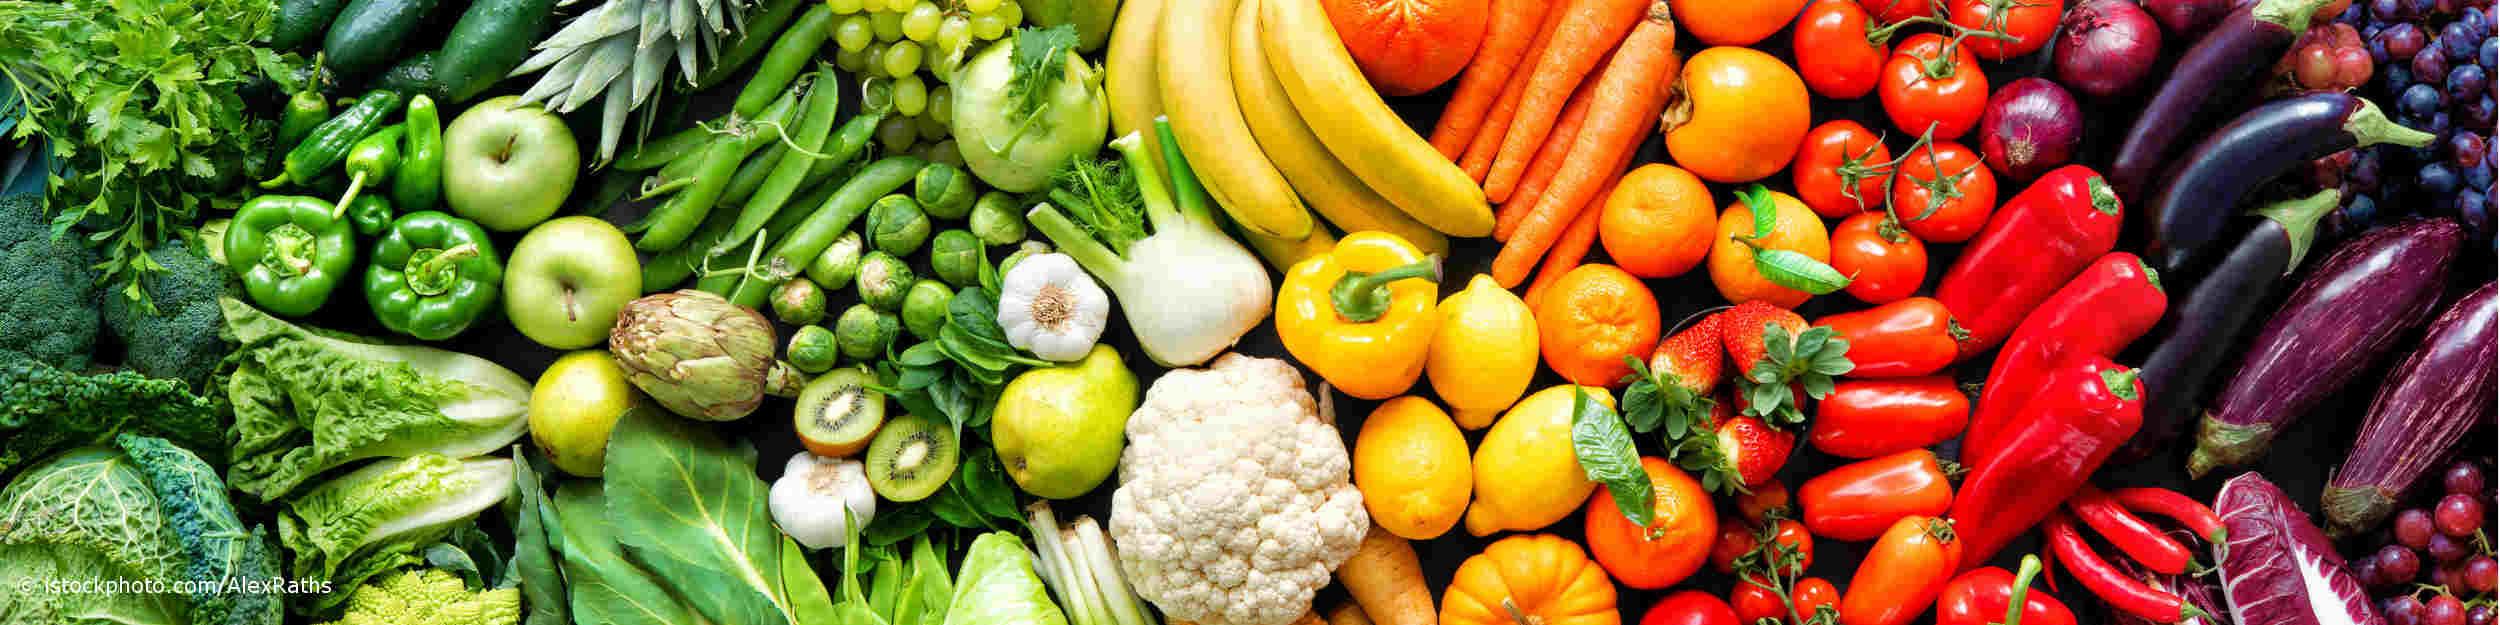 Frisches Obst und Gemüse enthält sekundäre Pflanzenstoffe.